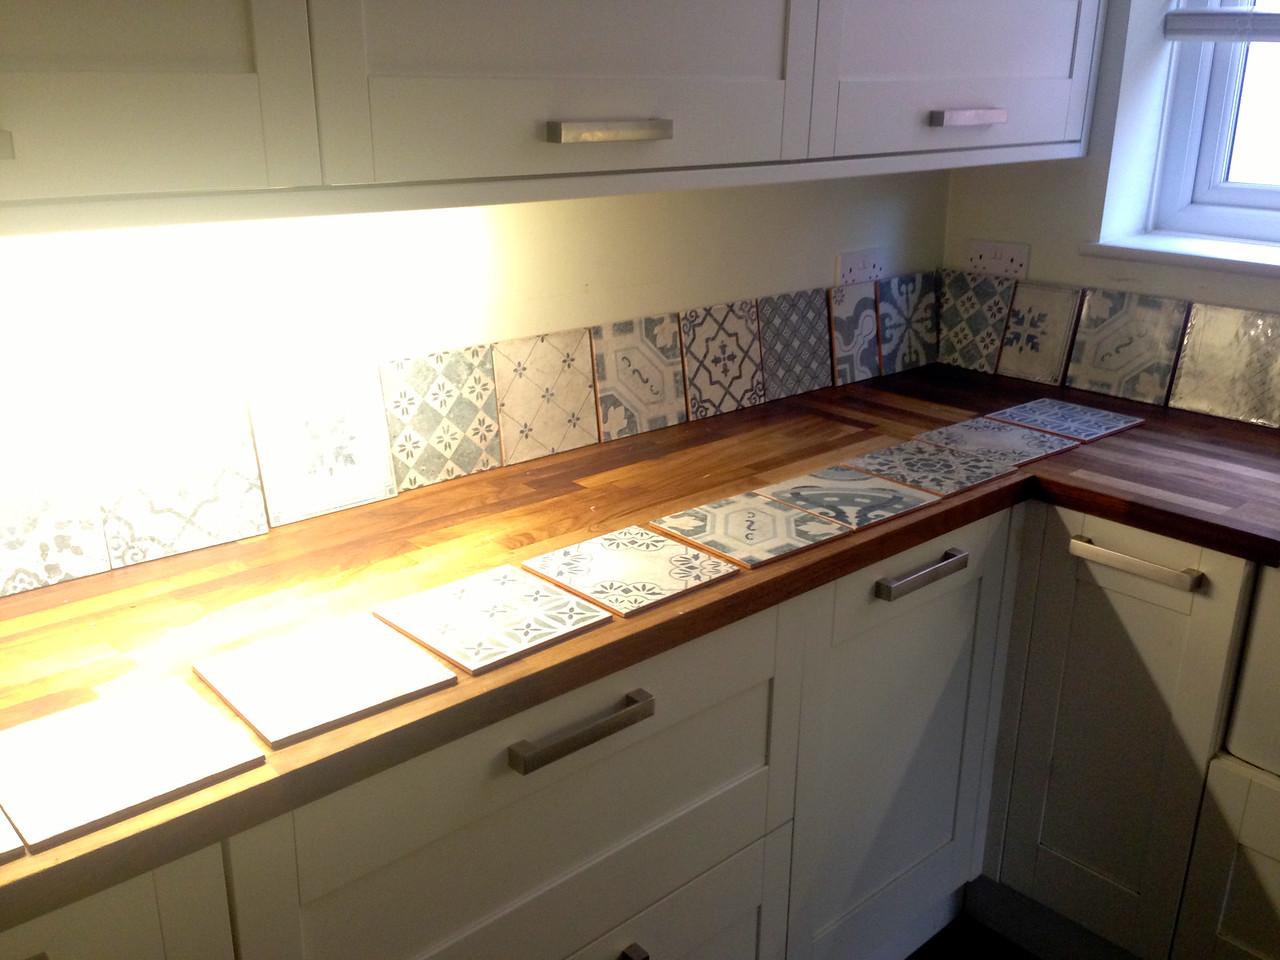 Tile installation by www.urmstonhandyman.co.uk